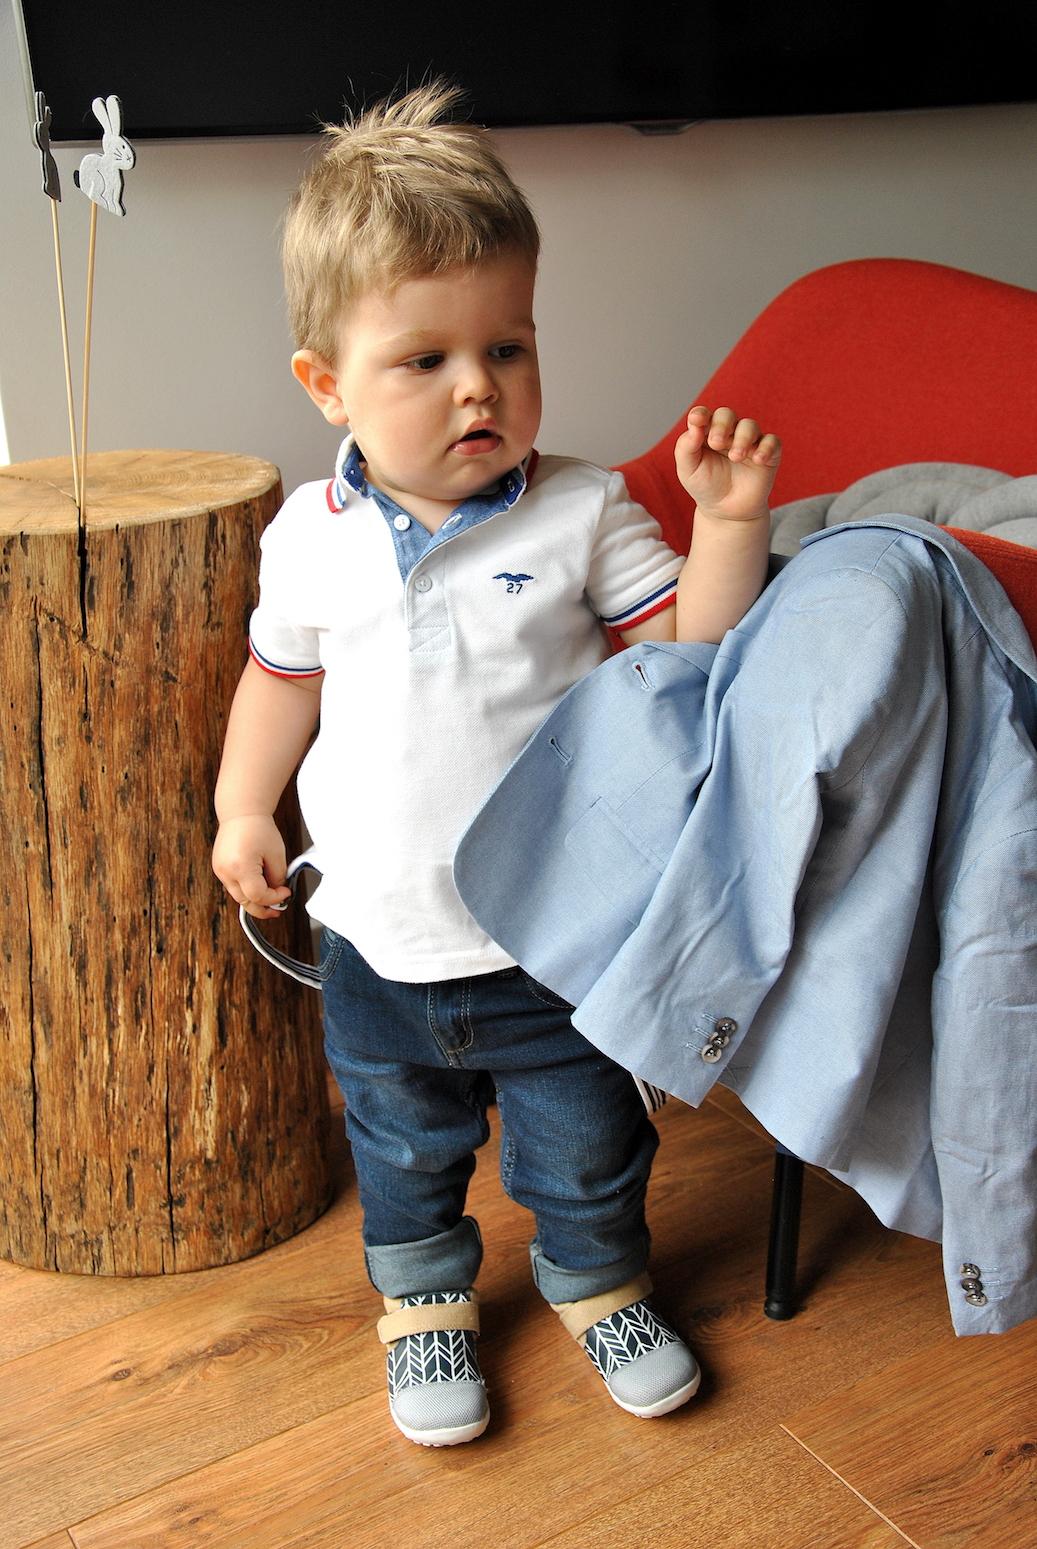 efef8bc267 Tylko teraz w Lidlu eleganckie ubranka dla dzieci! – Home and Baby